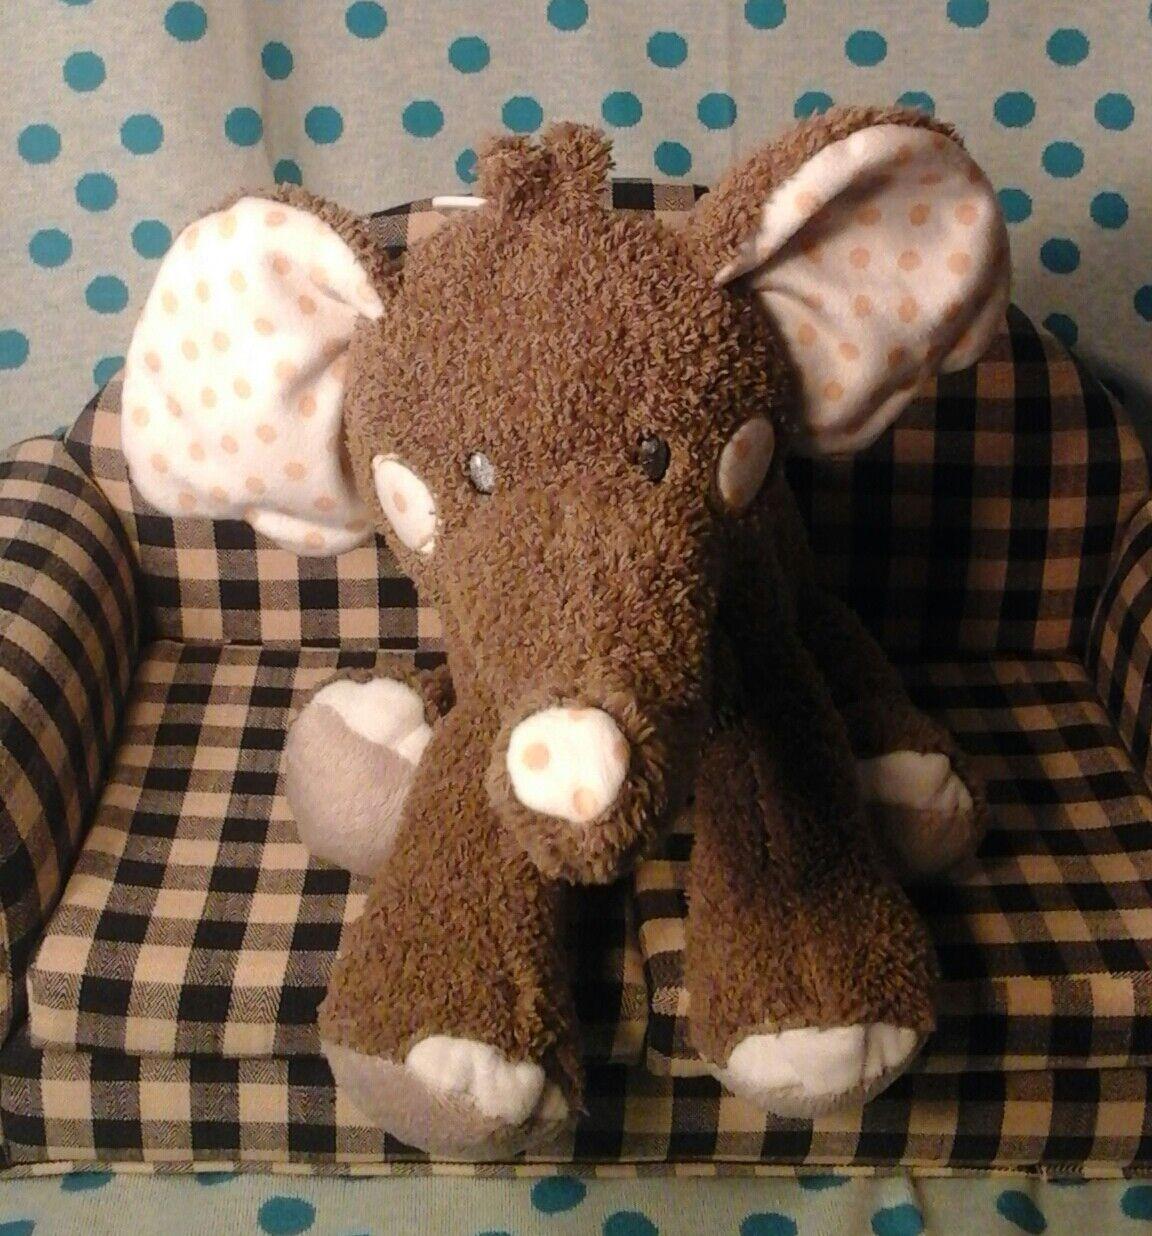 Hugfun International elefant Plush bebis grå vit polka prickar gul leksak